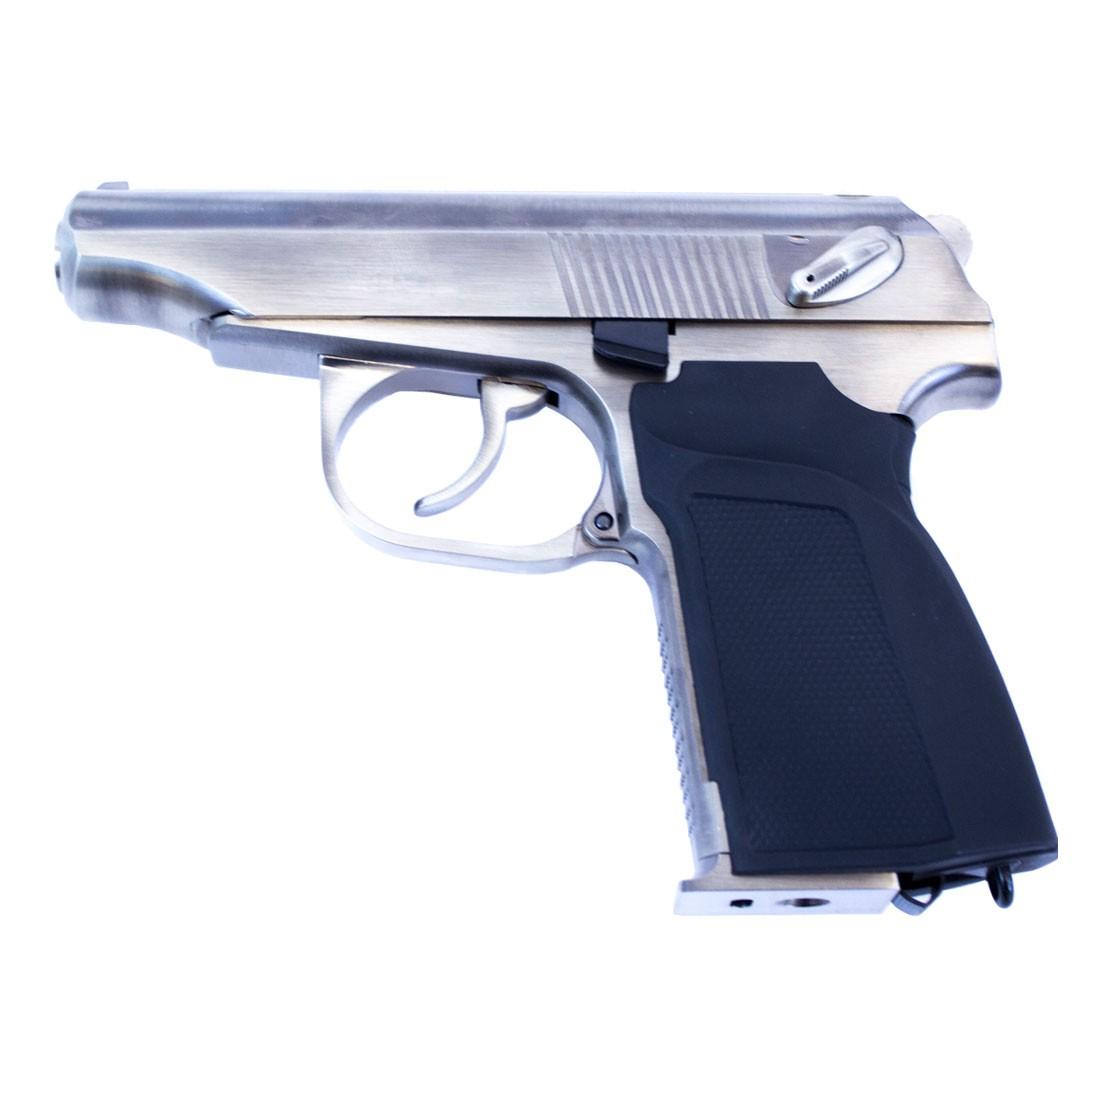 WE Makarov 654K GBB Pistol (Silver) w/ Silencer